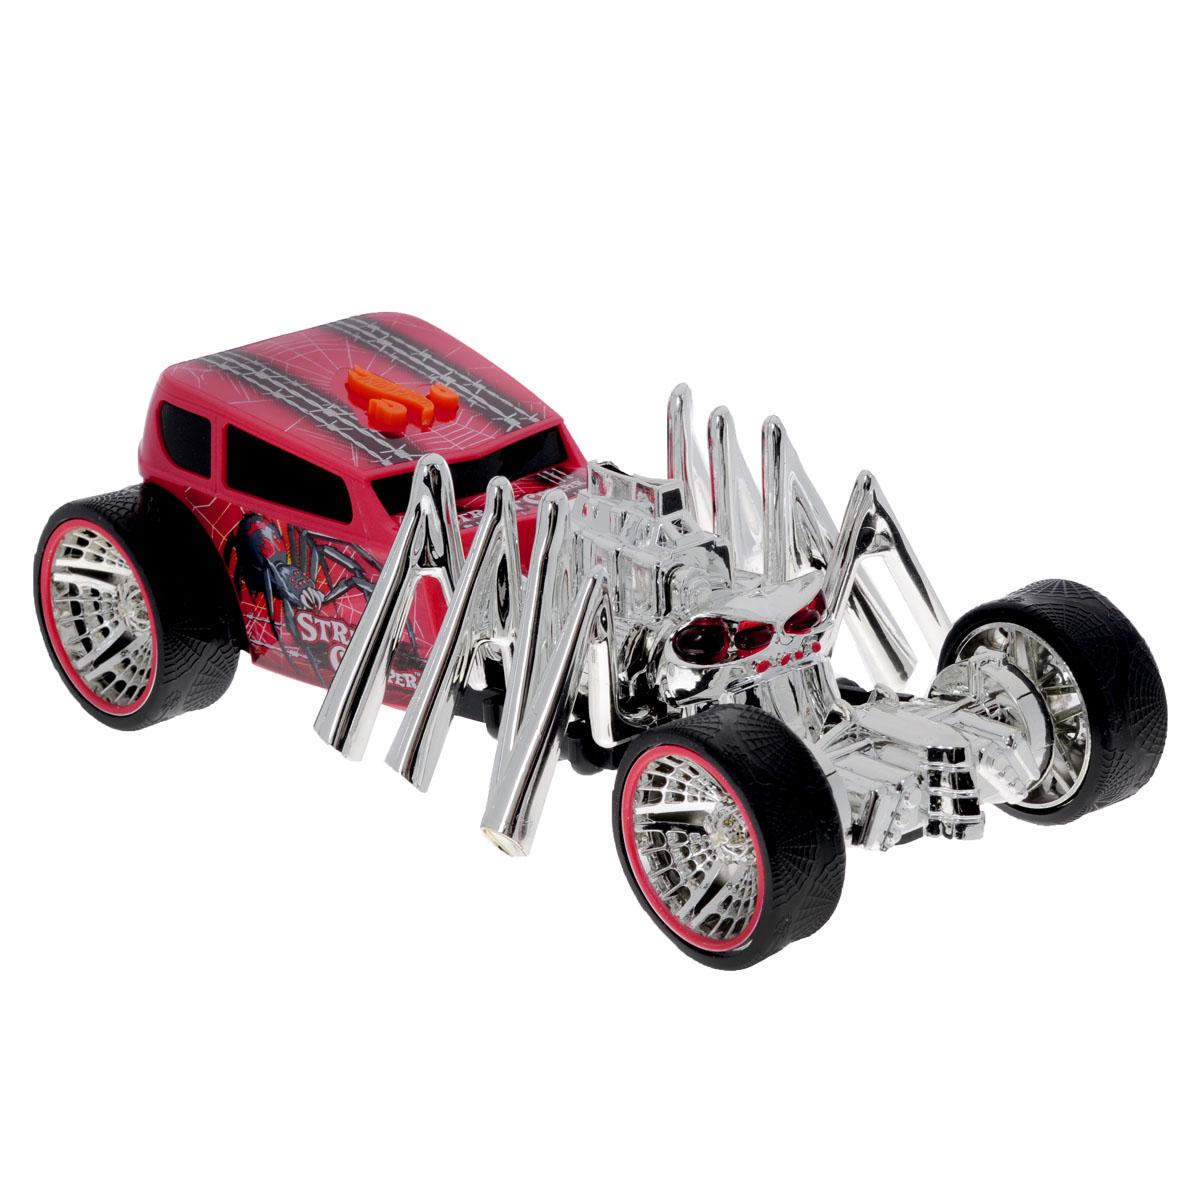 Hot Wheels Машинка Экстремальные гонки Паук90510TSЯркая машинка Hot Wheels Экстремальные гонки со звуковыми эффектами, несомненно, понравится вашему ребенку и не позволит ему скучать. Автомобиль с уникальным дизайном сделает любую игру мальчика захватывающей и интересной, ведь машина не только едет, некоторые ее части двигаются! Машина может быть представлена в виде паука, скорпиона или акулы. При нажатии на кнопку, расположенную на крыше, воспроизводятся звуки мотора, у паука светятся глаза и двигаются лапы, акула оснащена дрифтом и у нее открывается пасть, у скорпиона шевелится хвост. Колеса машинки выполнены из резины. Ваш ребенок часами будет играть с машинкой, придумывая различные истории и устраивая соревнования. Порадуйте его таким замечательным подарком! Рекомендуется докупить 3 батарейки напряжением 1,5V типа AАА (товар комплектуется демонстрационными).